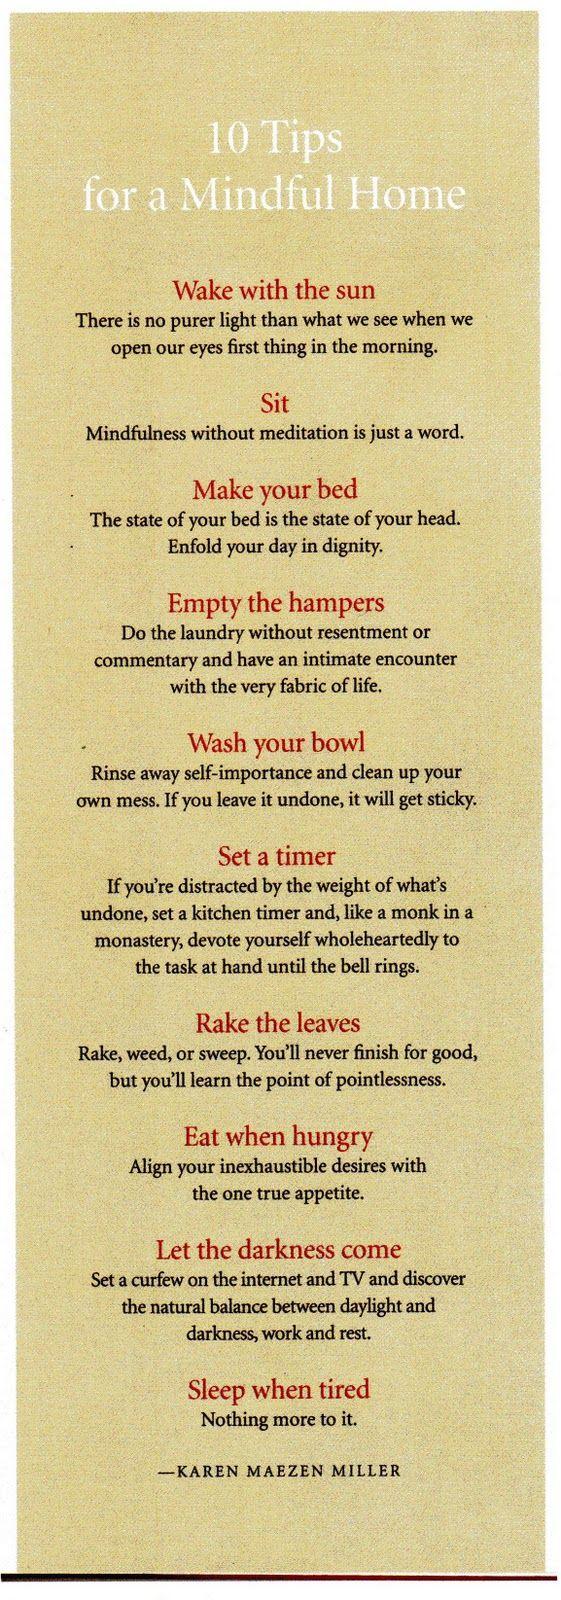 La Maison Boheme: 10 Tips for a Mindful Home